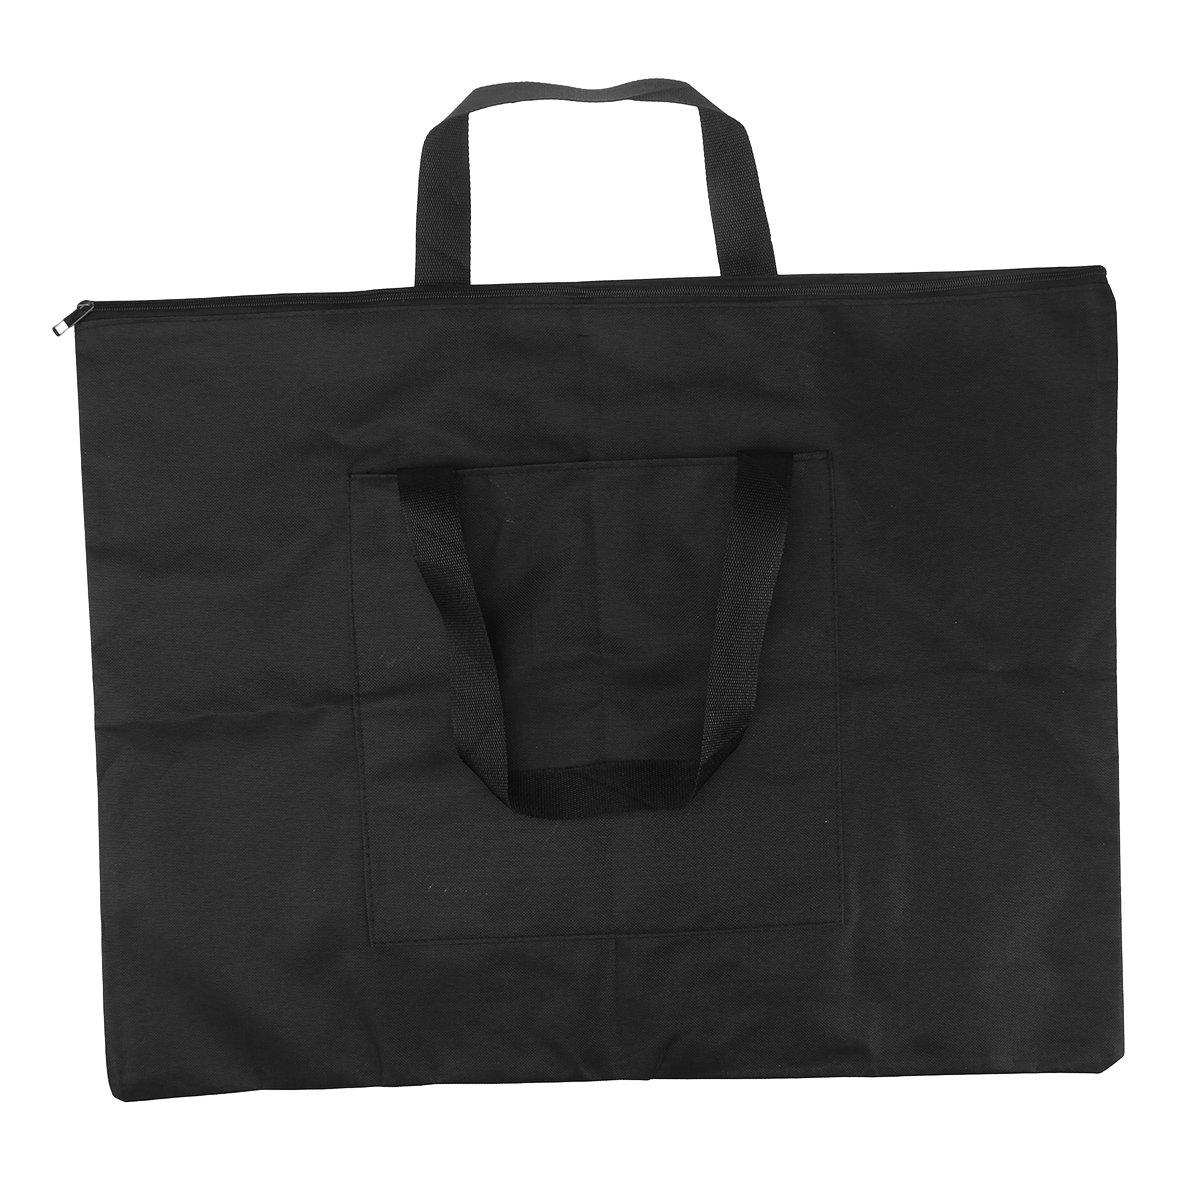 Healifty Portafolio impermeabile espesado A2/per disegno cartella di disegno nero